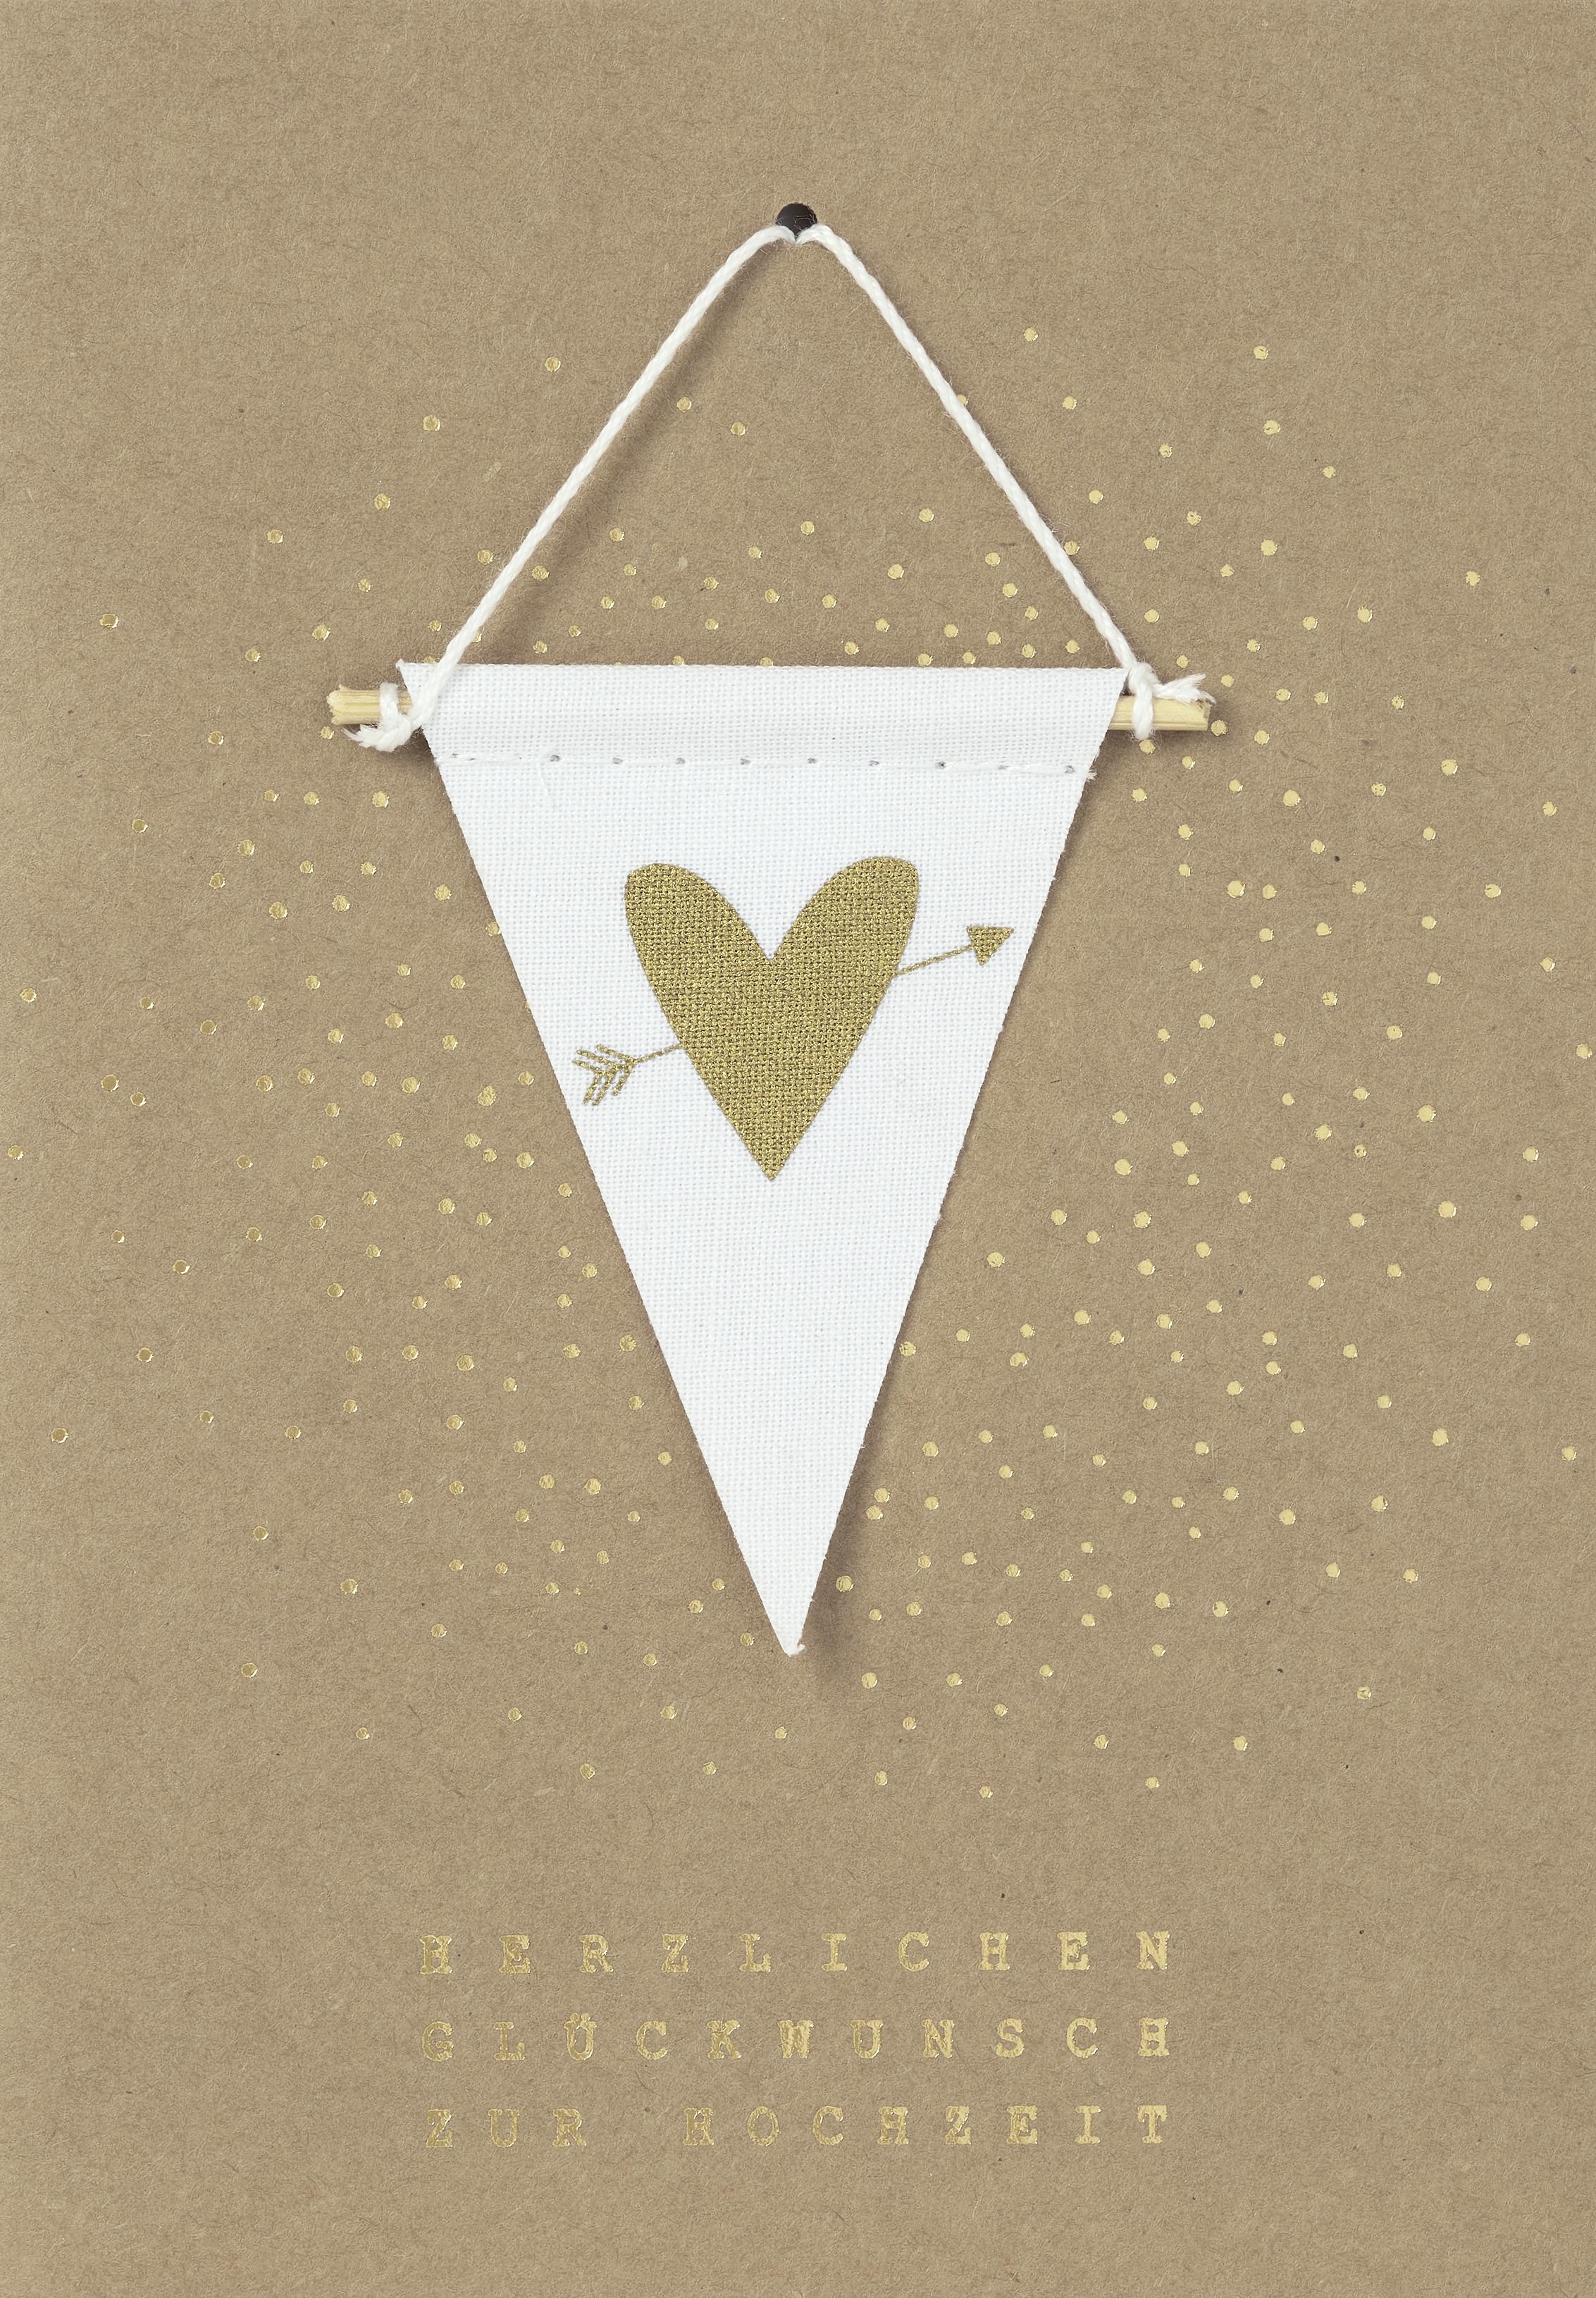 - Glückwunschkarte Hochzeitskarte mit Wimpel Herzlichen Glückwunsch zur Hochzeit räder - Onlineshop Tante Emmer